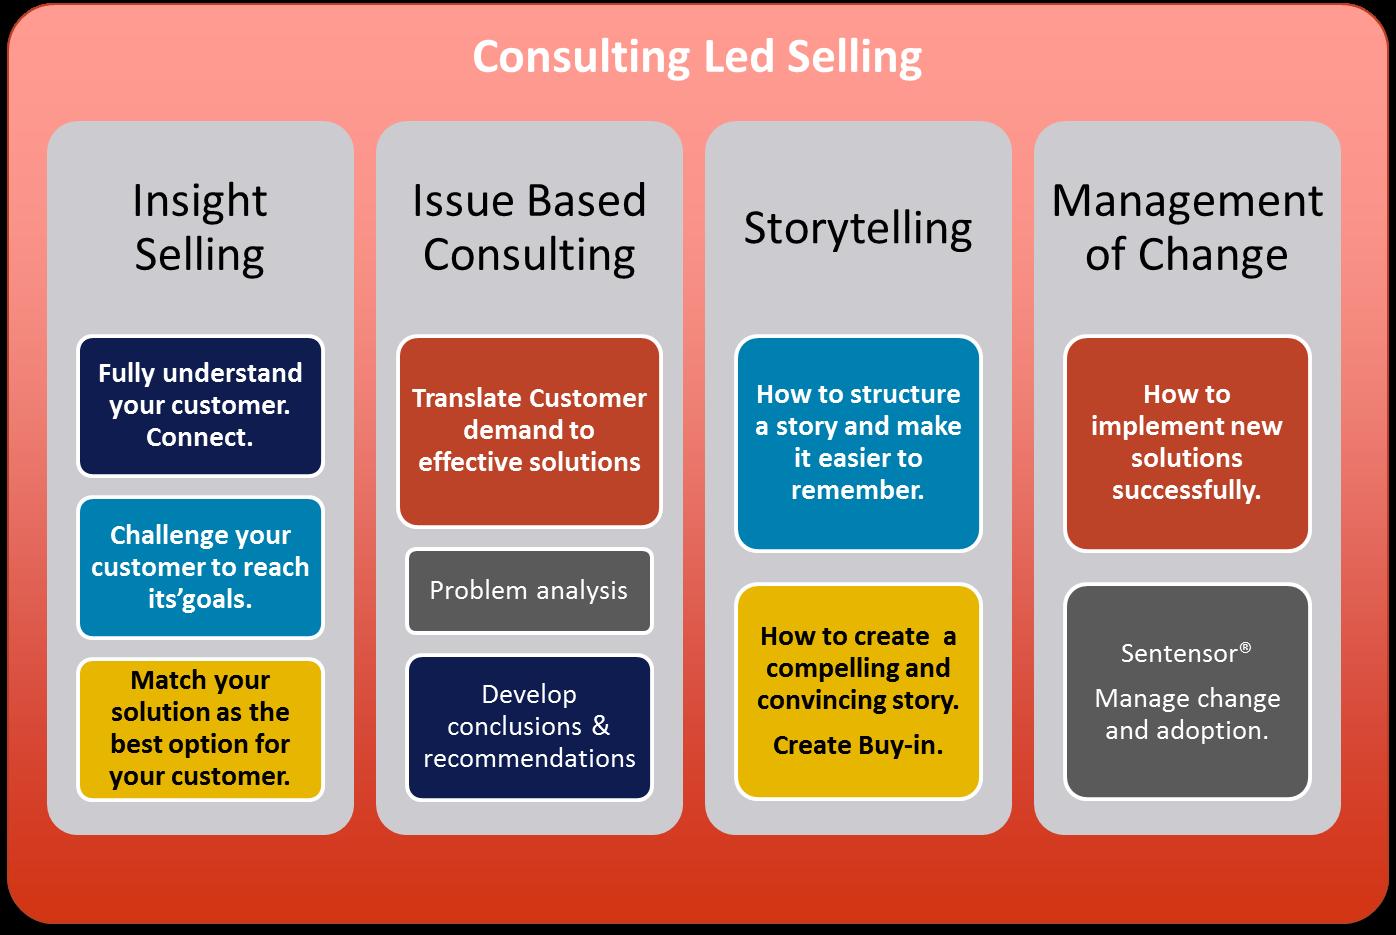 CLS framework